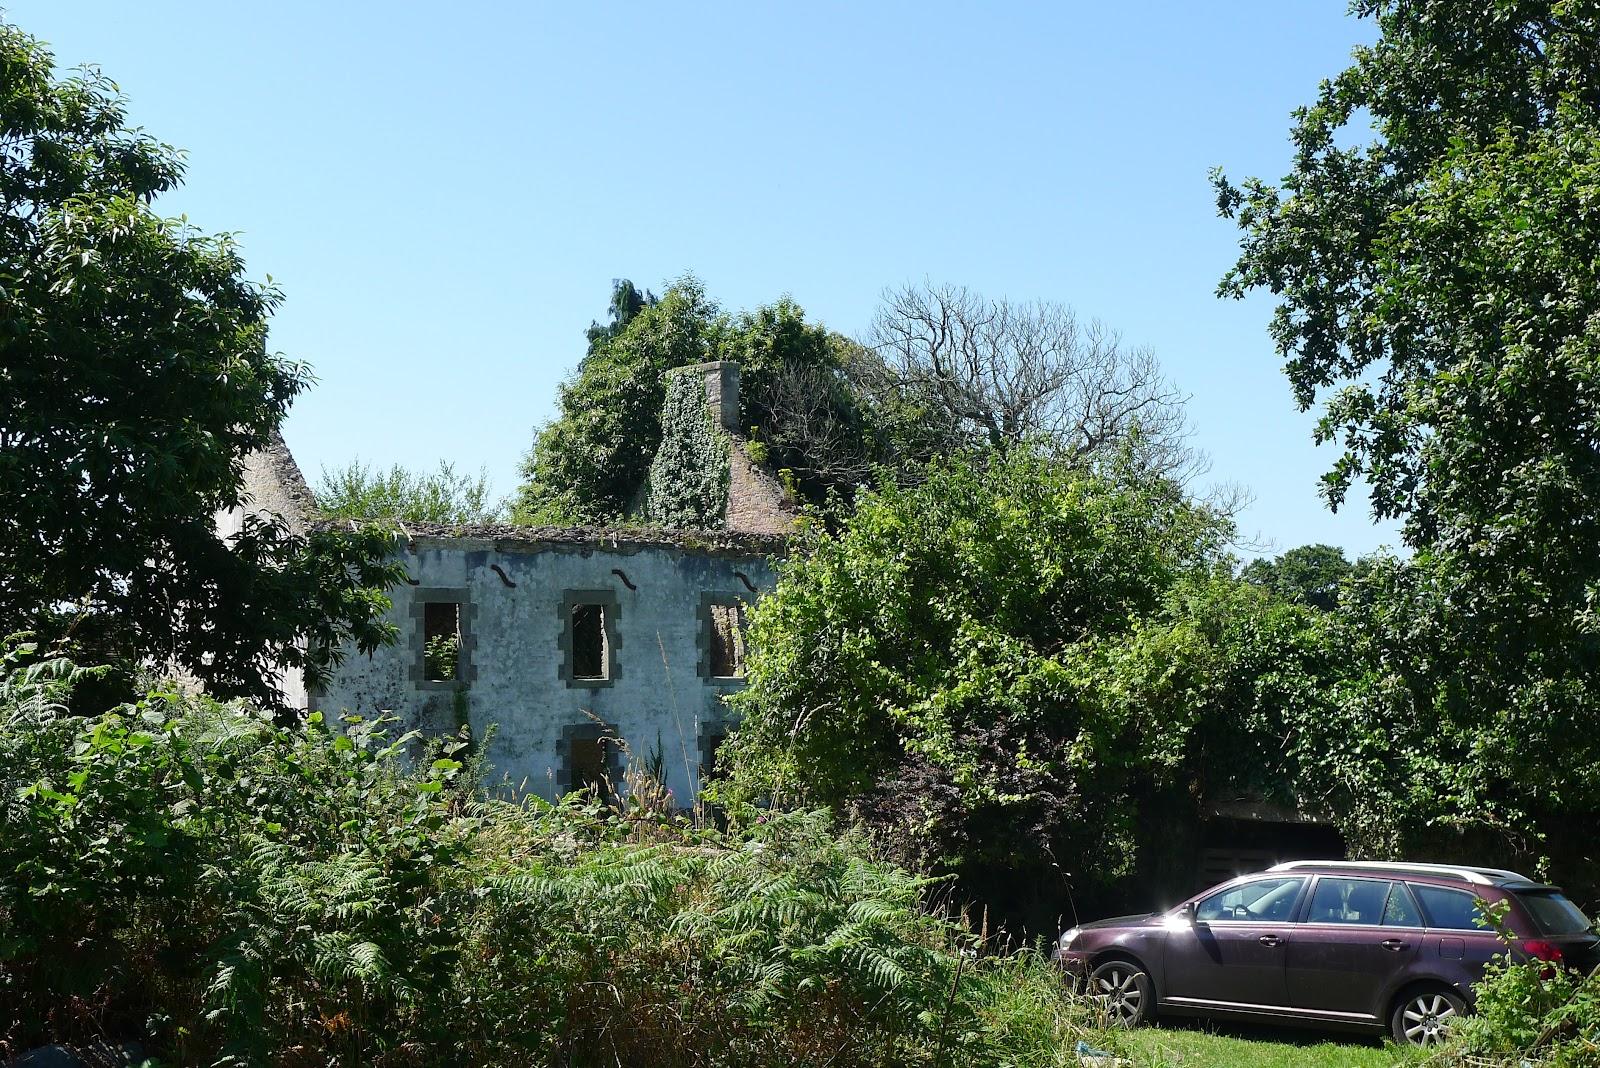 Somewhere near Melgven, France